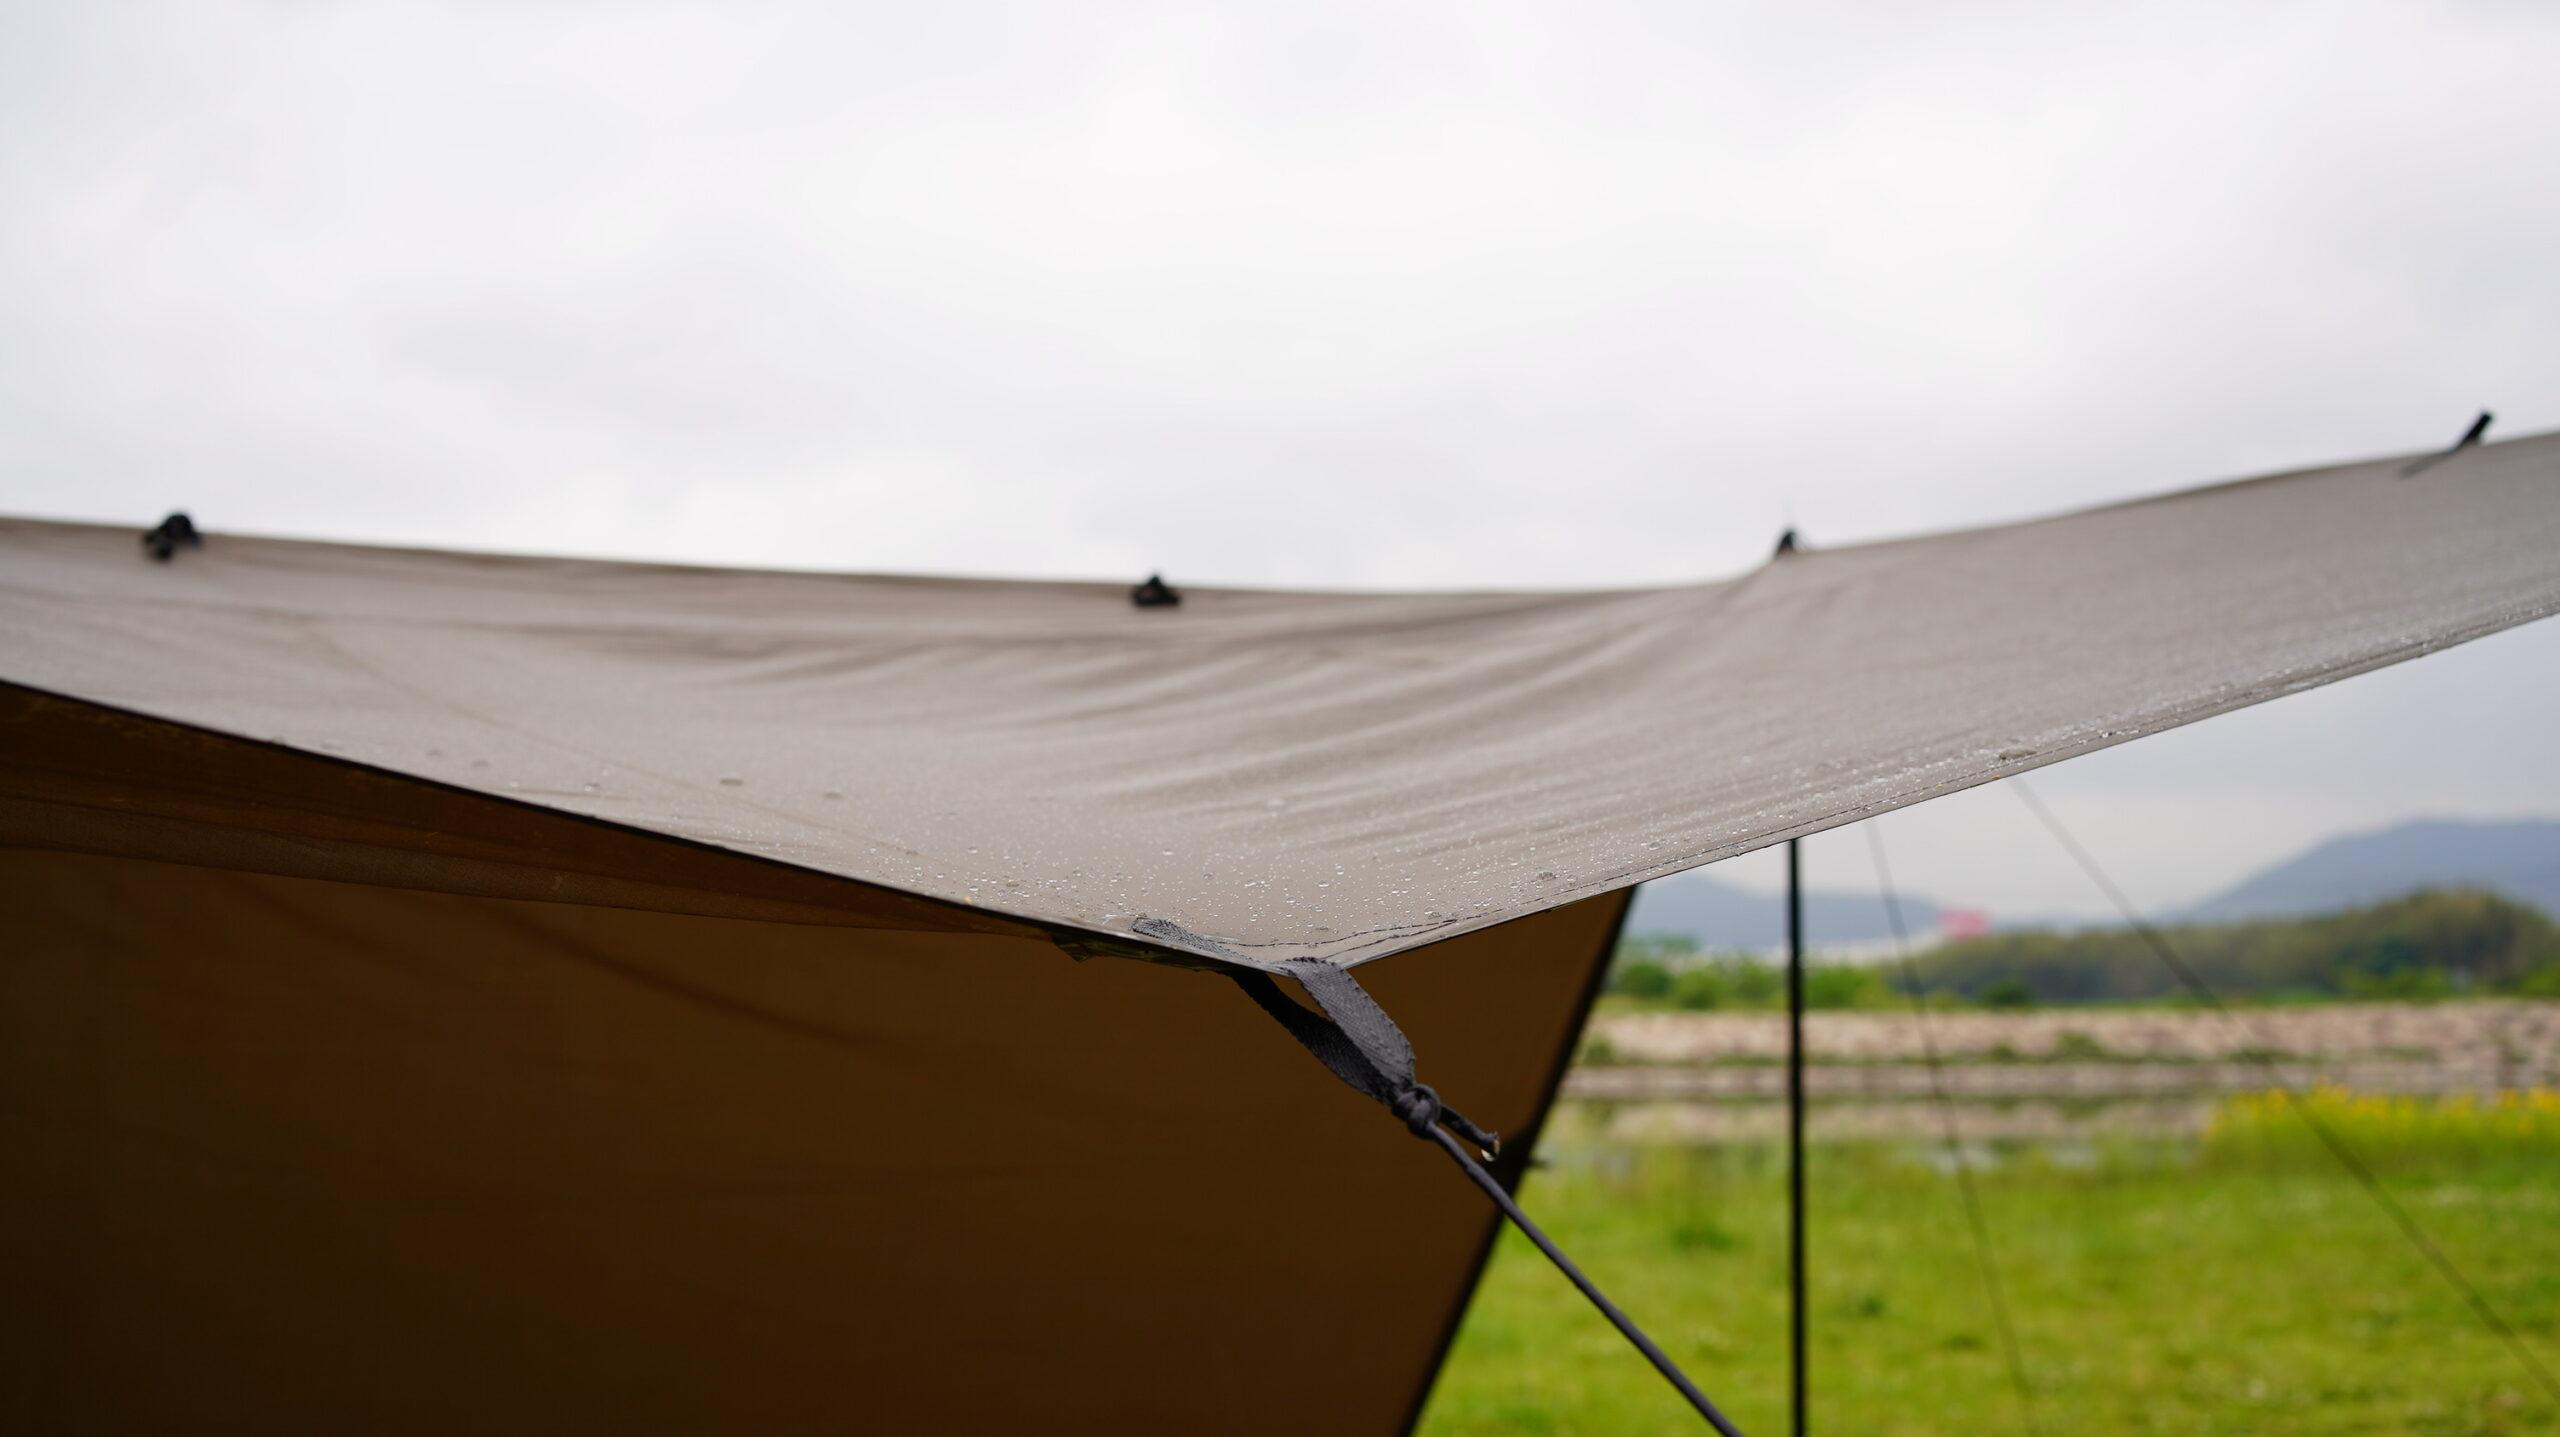 >雨の日のテント・タープ雨風対策